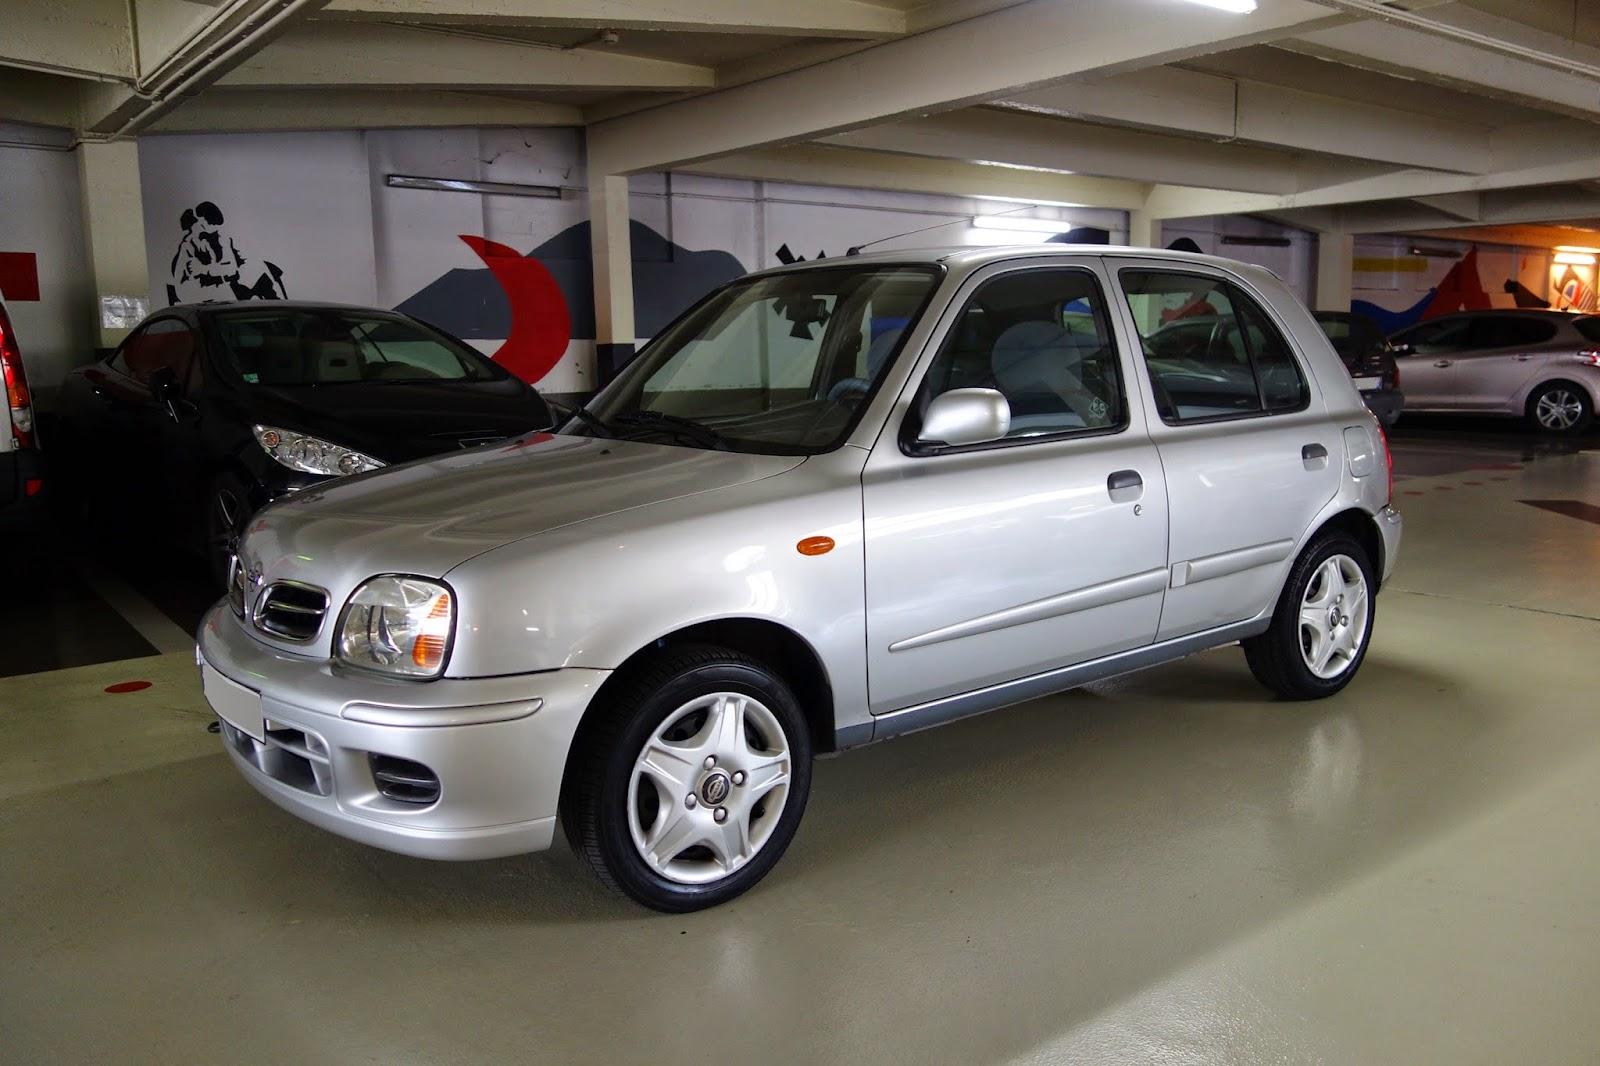 autocoach d p t vente automobile paris nissan micra 1 0l confort 60ch 5 portes 2002. Black Bedroom Furniture Sets. Home Design Ideas